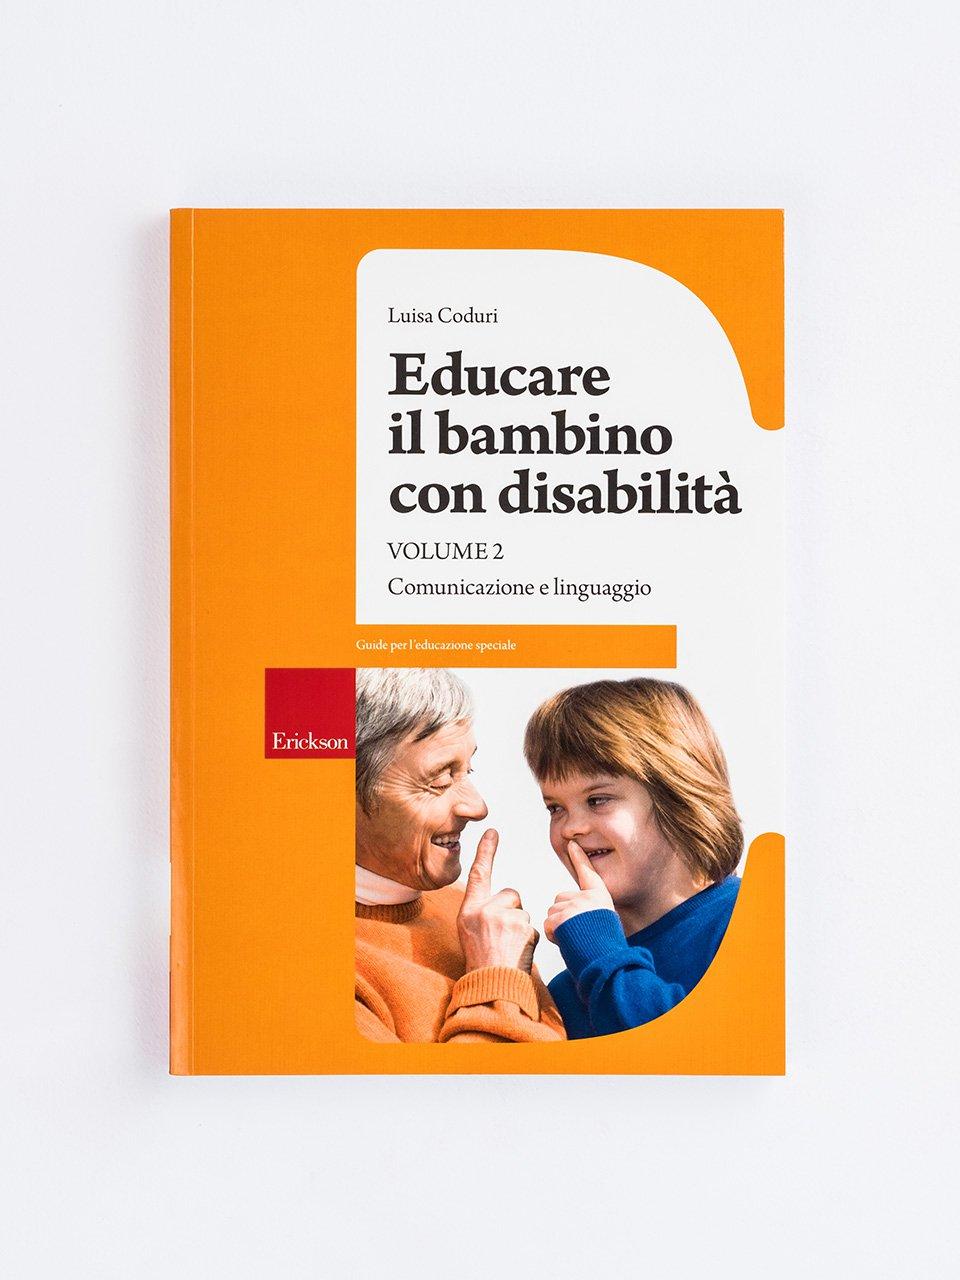 Educare il bambino con disabilità - Volume 2 - Educare il bambino con disabilità - Volume 3 - Libri - Erickson